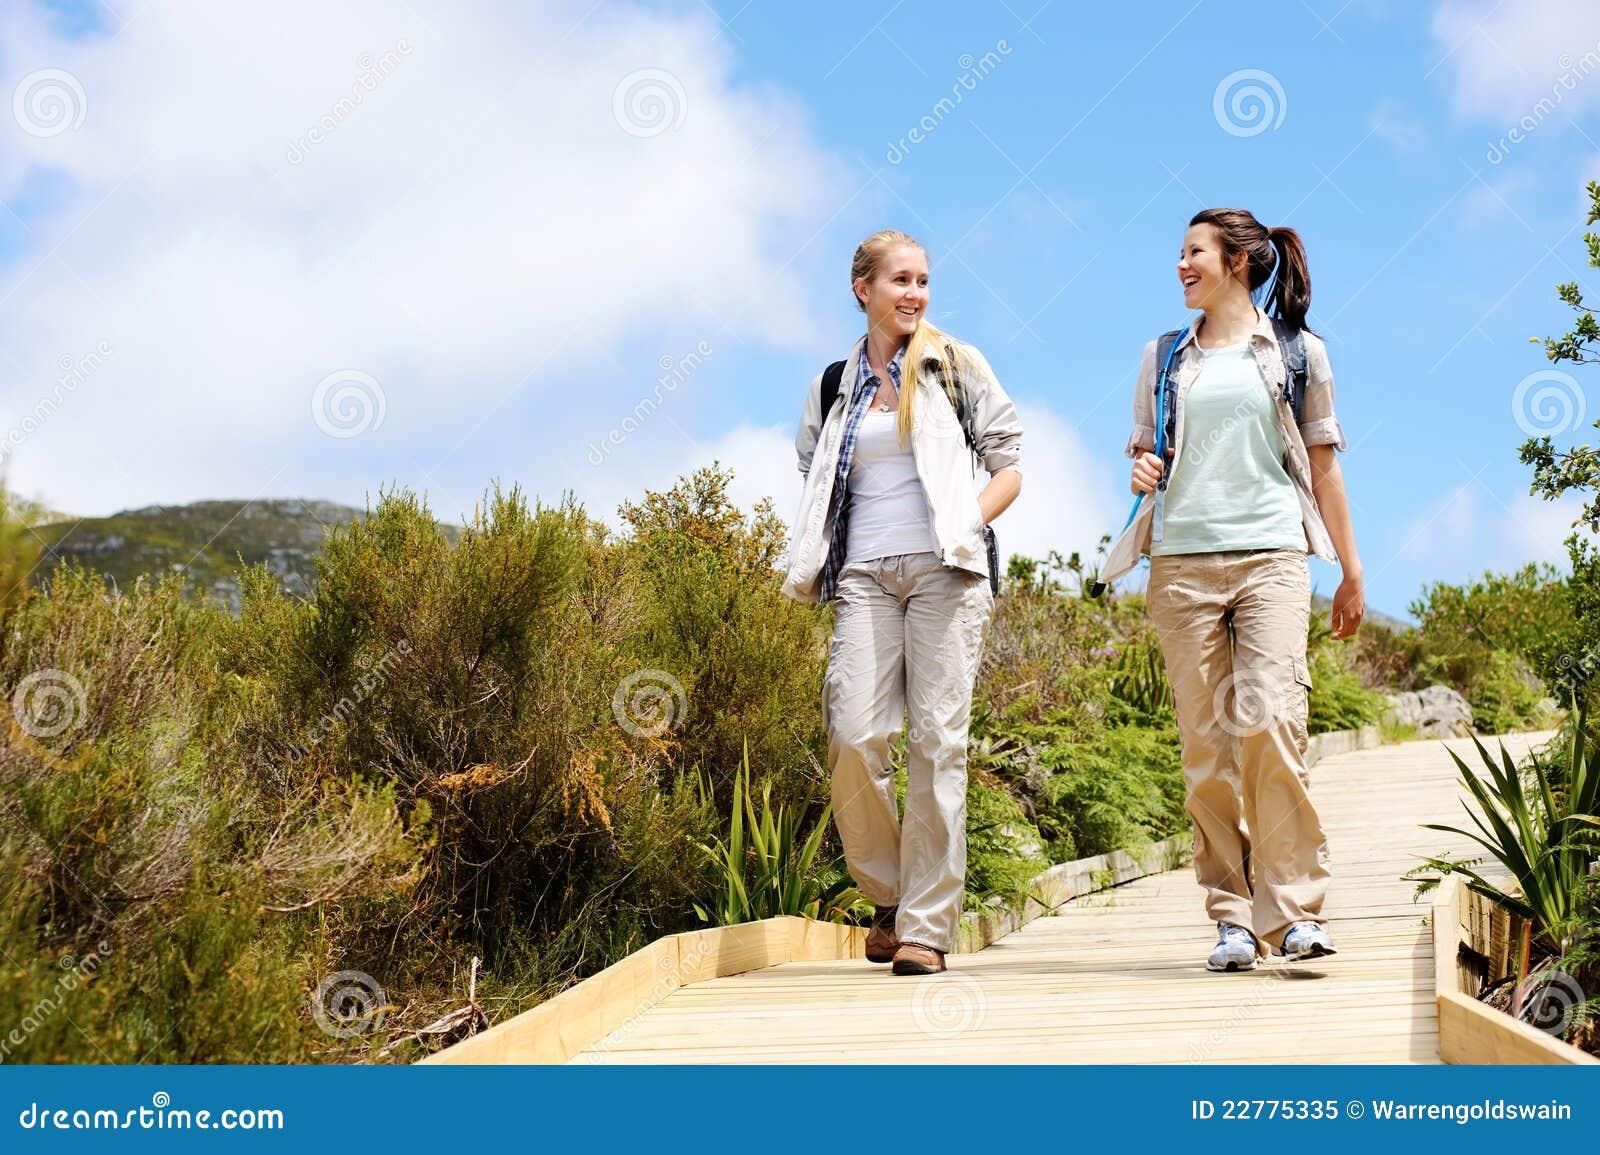 Junge Frauen, die eine Wanderung beginnen